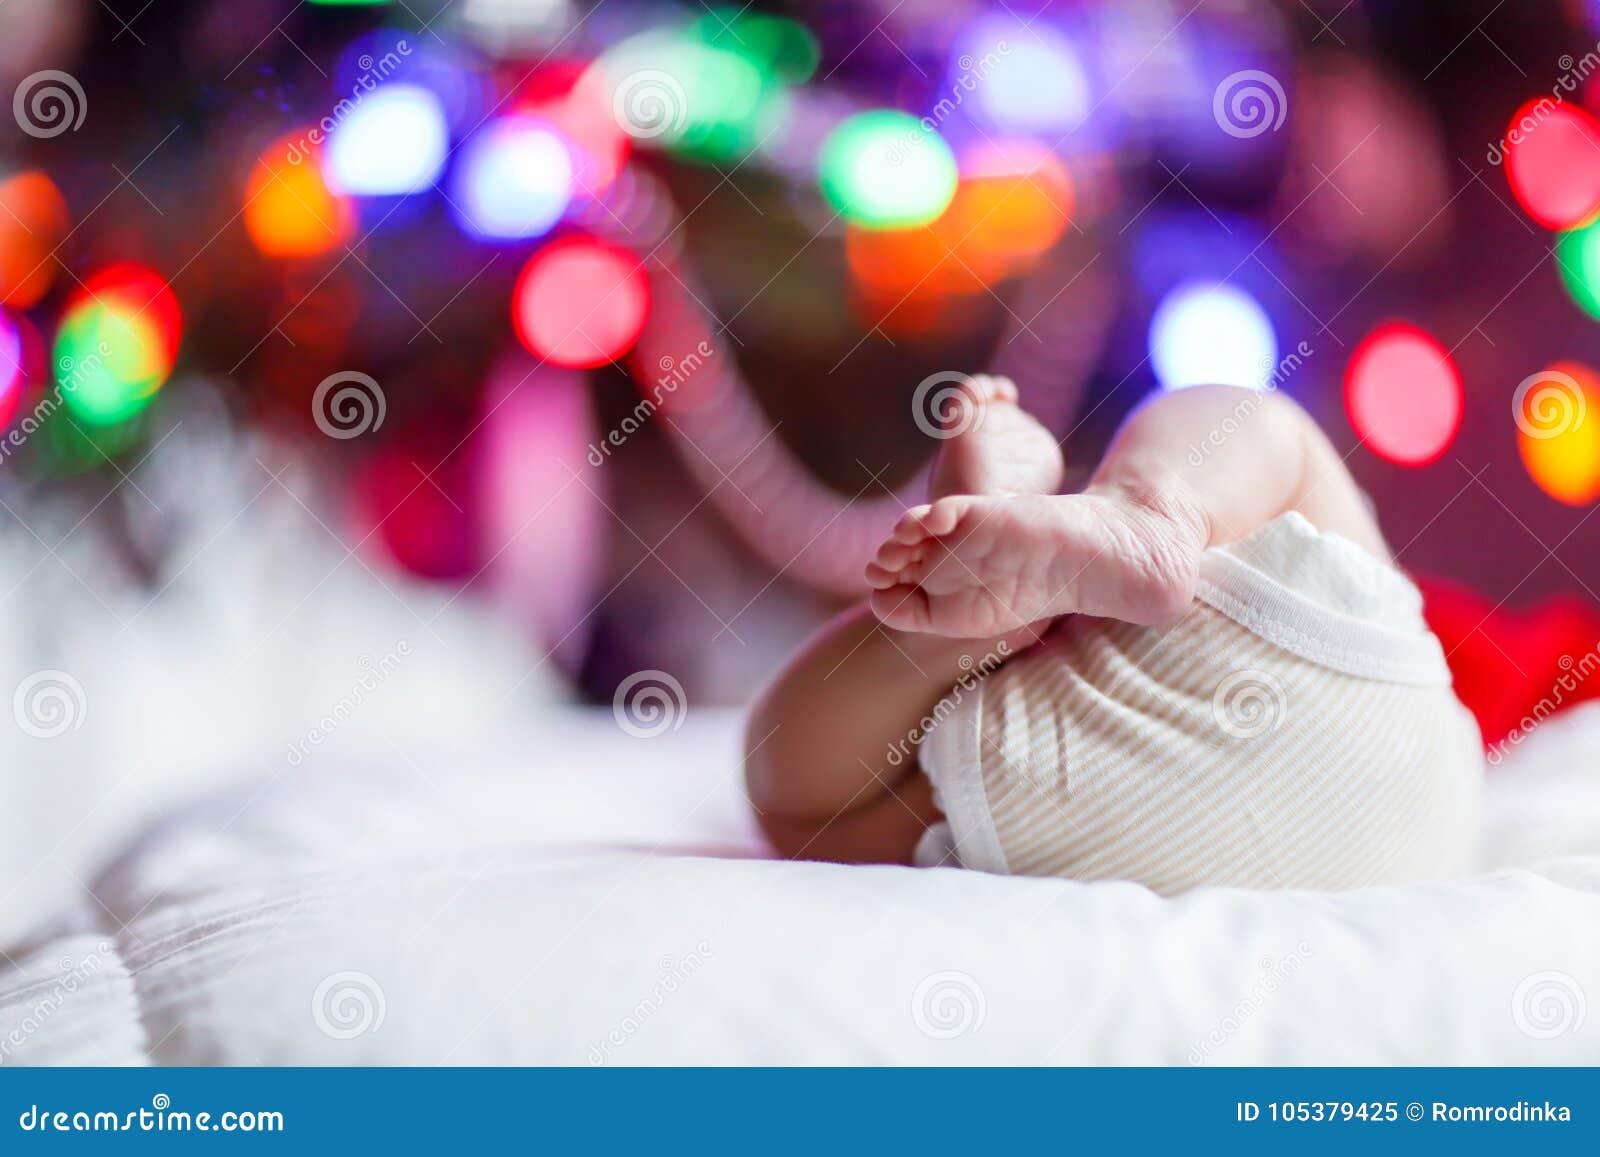 Nowonarodzeni dziecko cieki, pieluszka z choinką i kolorowymi girland światłami i